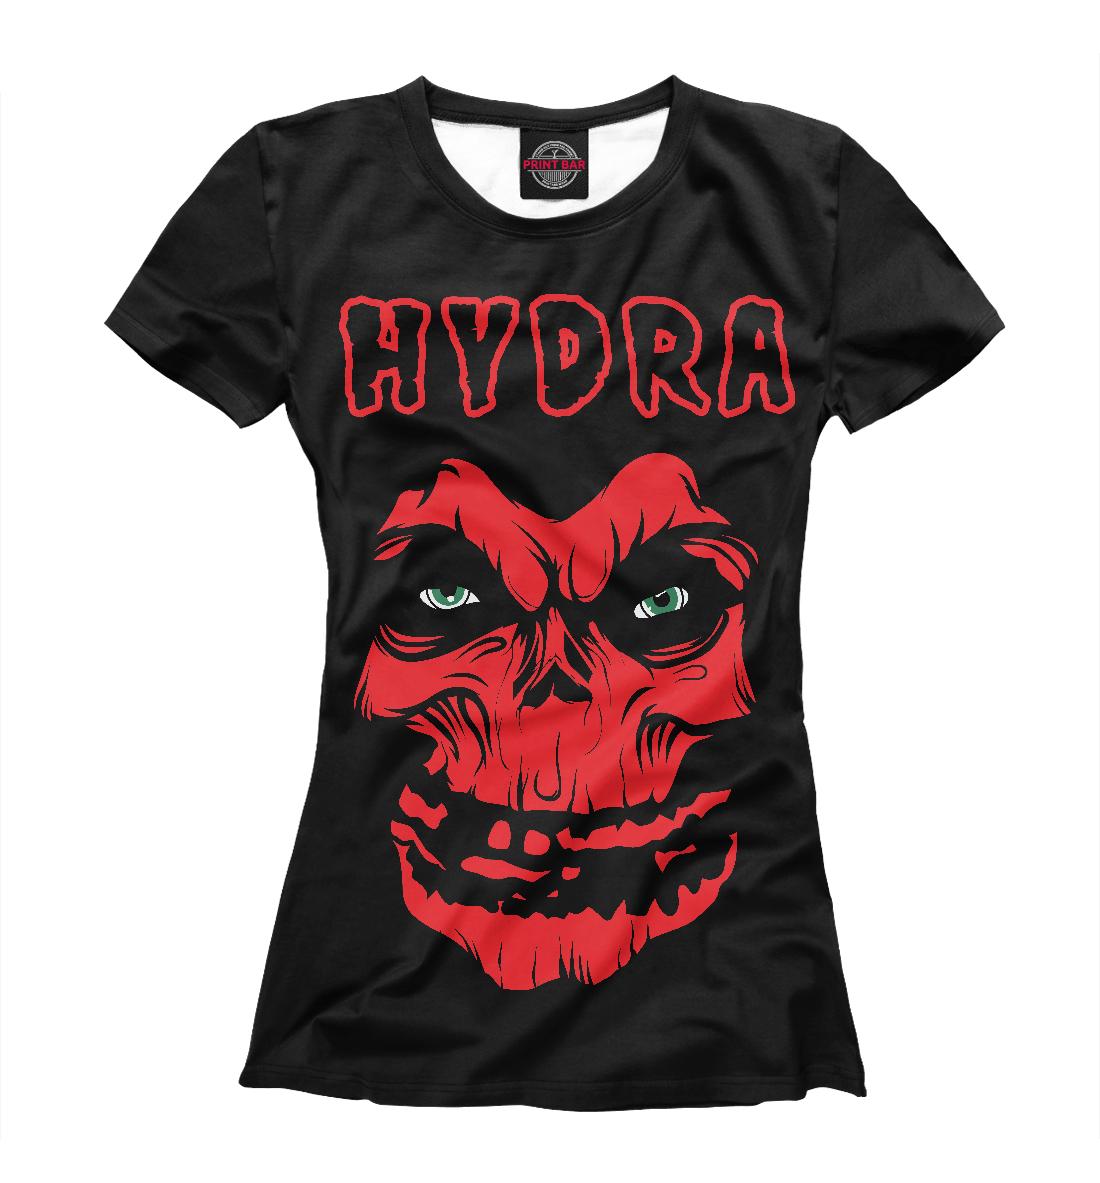 Купить Hydra Misfits, Printbar, Футболки, SKU-550255-fut-1